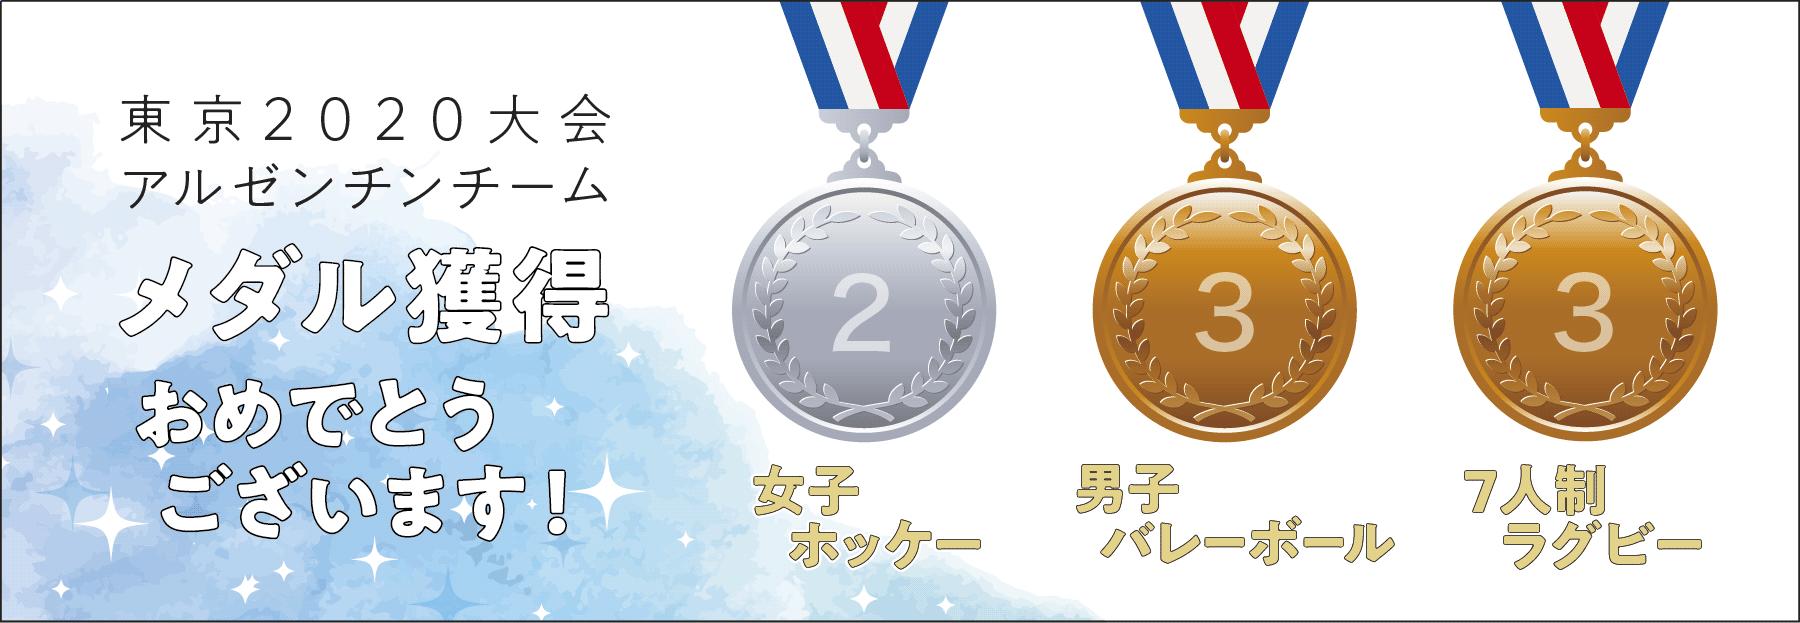 『アルゼンチンチーム メダル獲得おめでとうございます』の画像